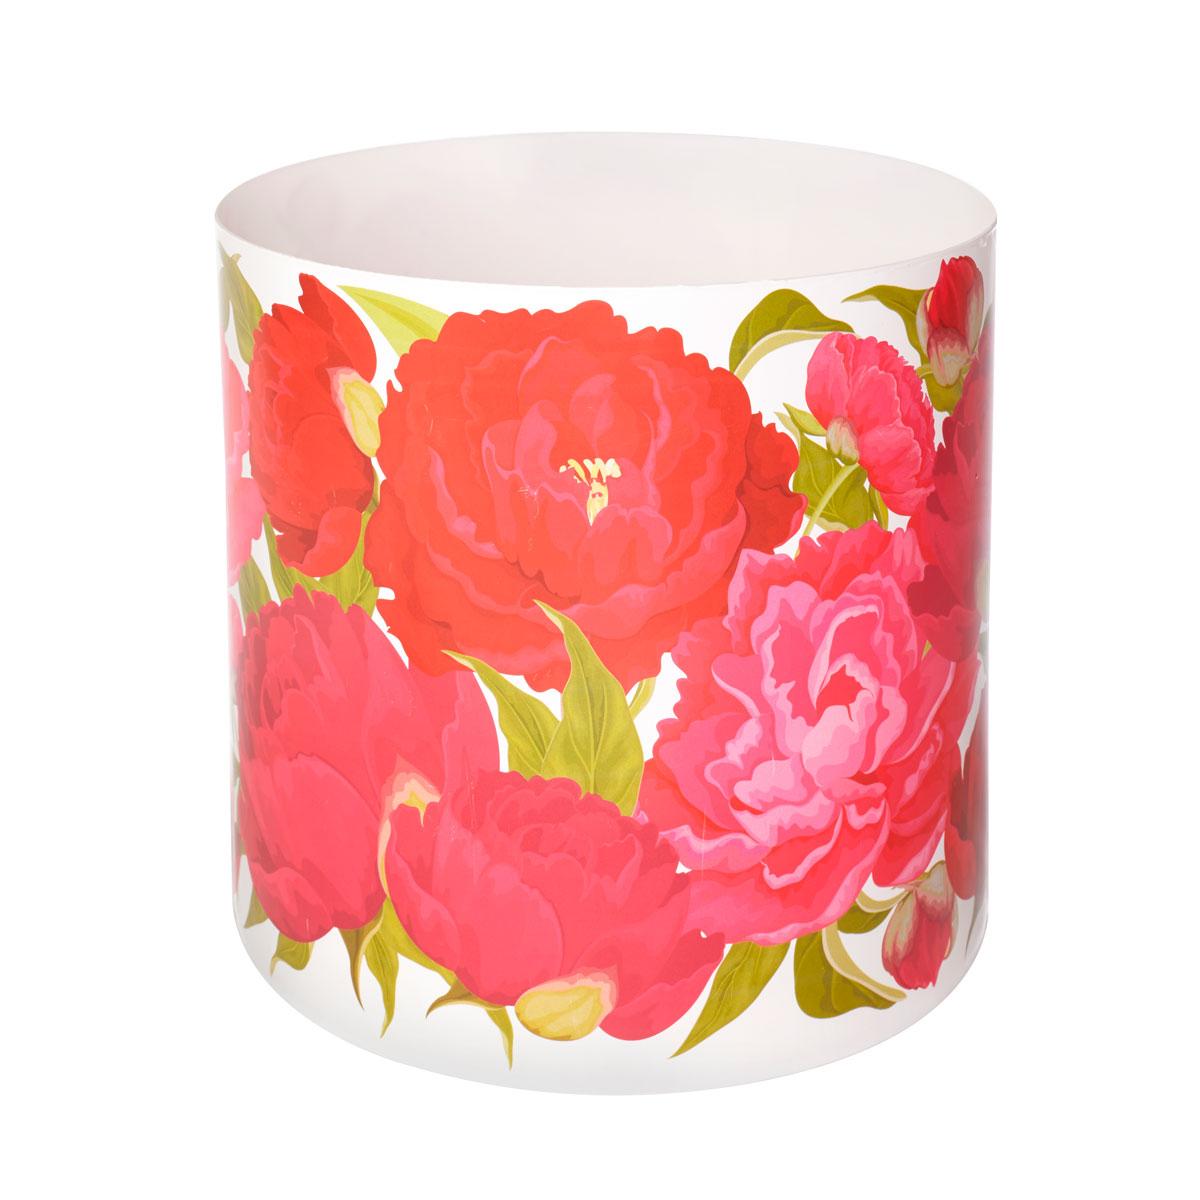 Горшок для цветов Miolla Пионы, со скрытым поддоном, 2,8 лSMG-24Горшок для цветов Miolla Пионы со скрытым поддоном выполнен из пластика. Диаметр горшка: 16,5 см. Высота горшка (с учетом поддона): 16 см. Объем горшка: 2,8 л.